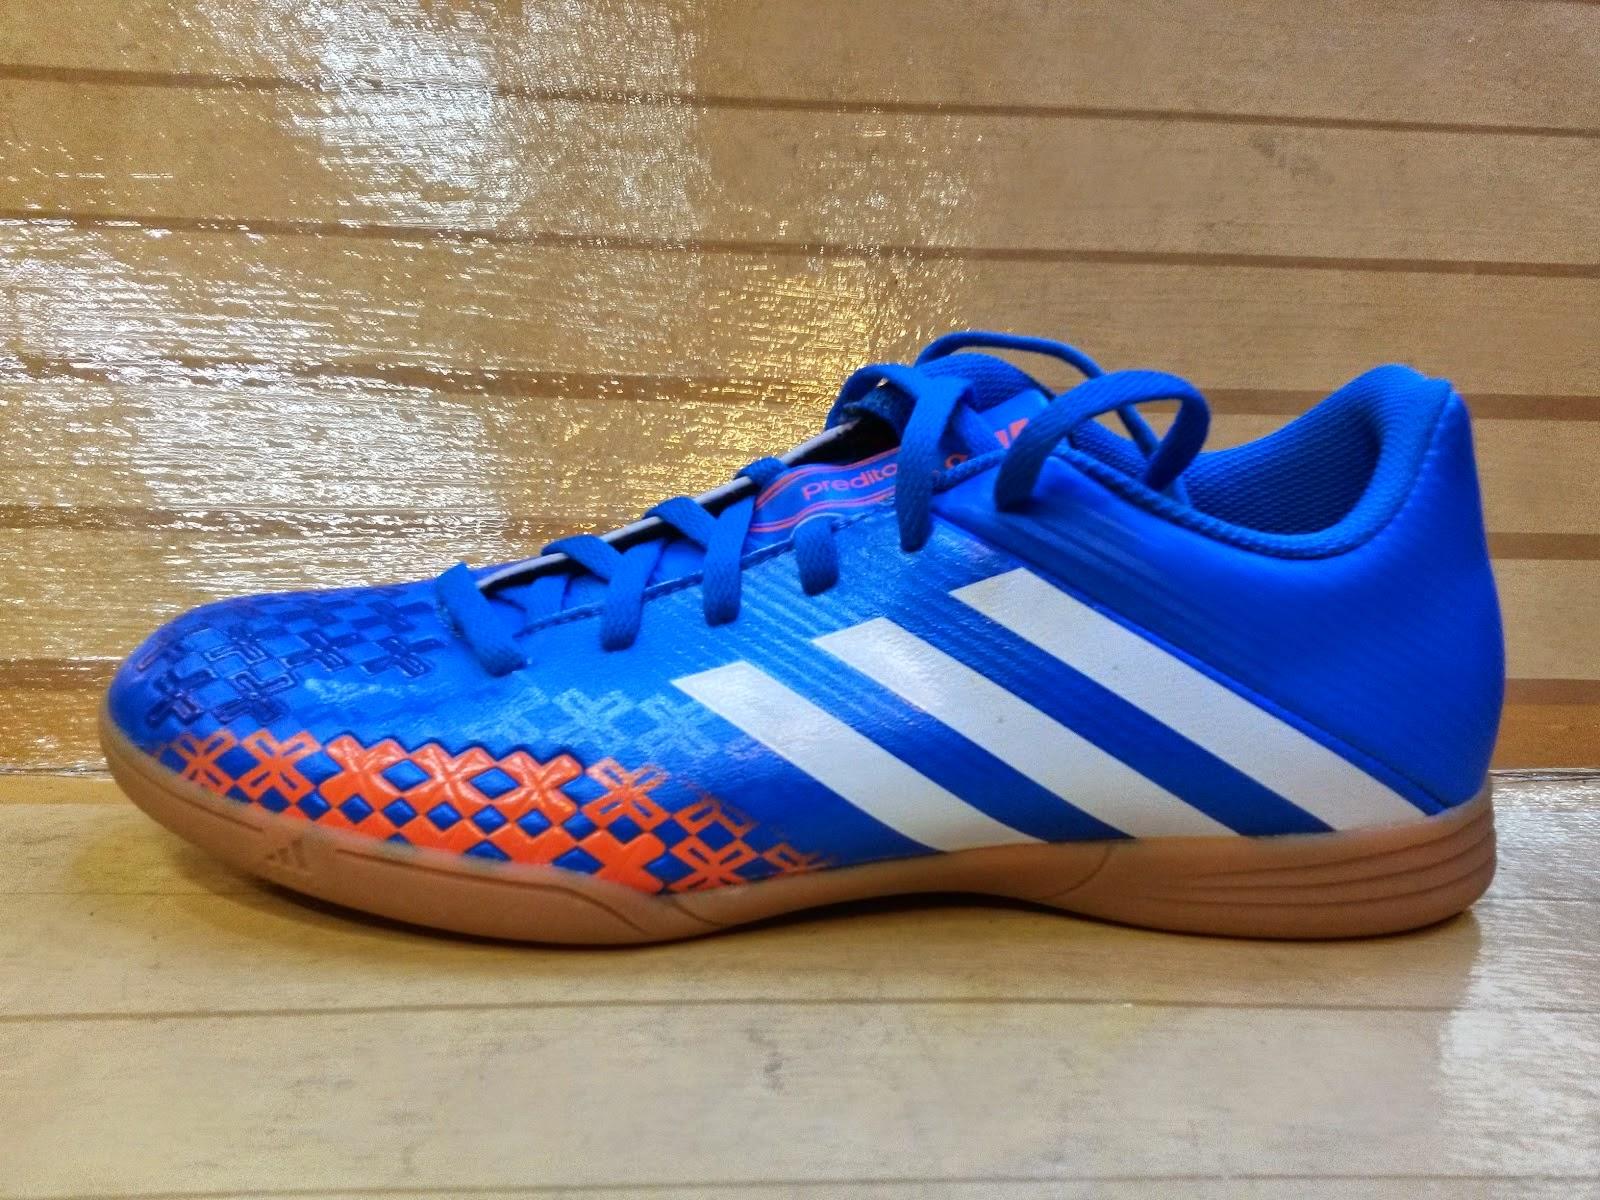 sepatu 2016: sepatu futsal adidas terbaru 2014 Images